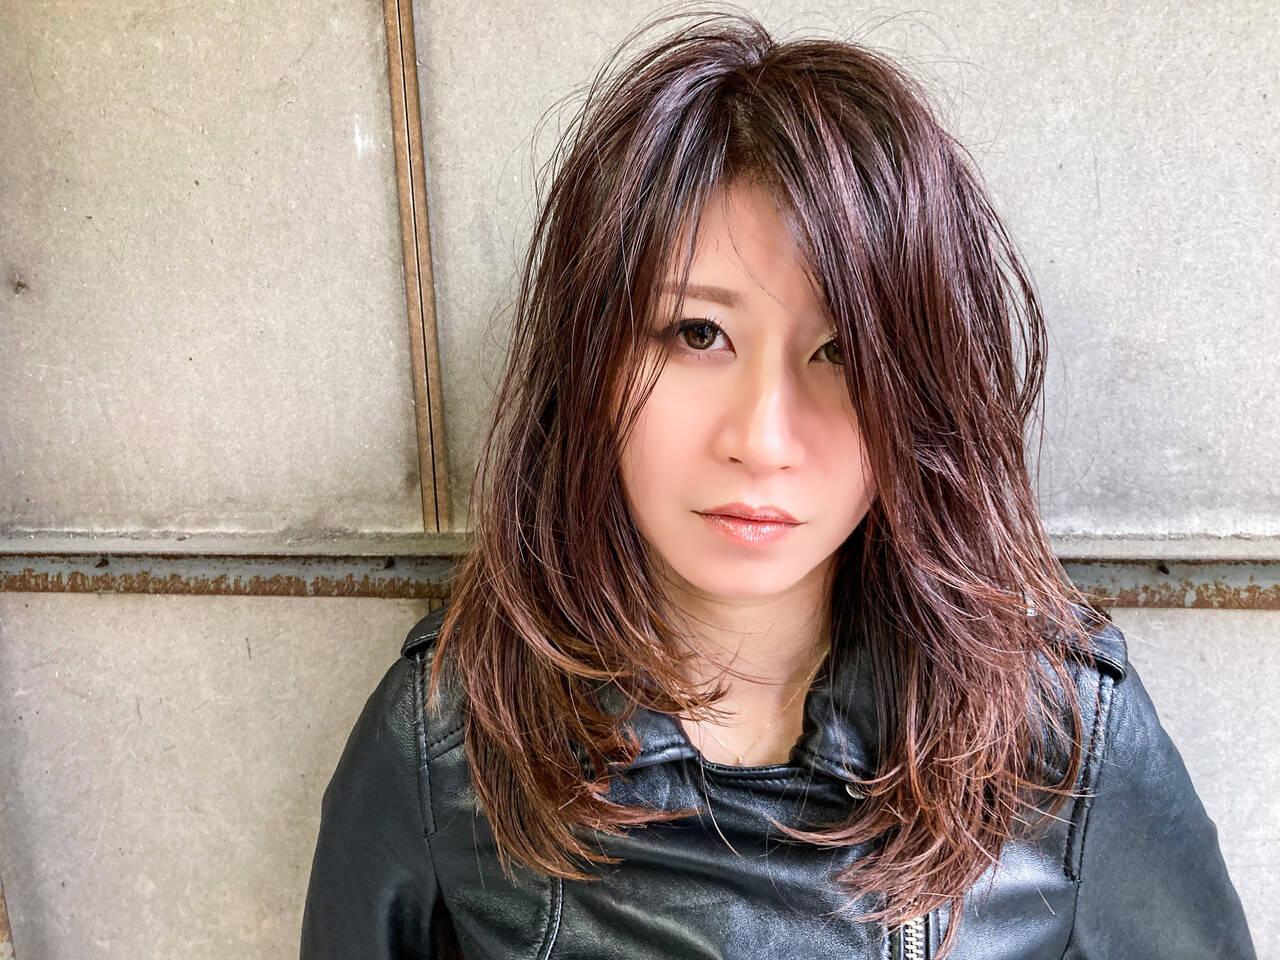 ロング レイヤースタイル レイヤーカット レイヤーロングヘアヘアスタイルや髪型の写真・画像